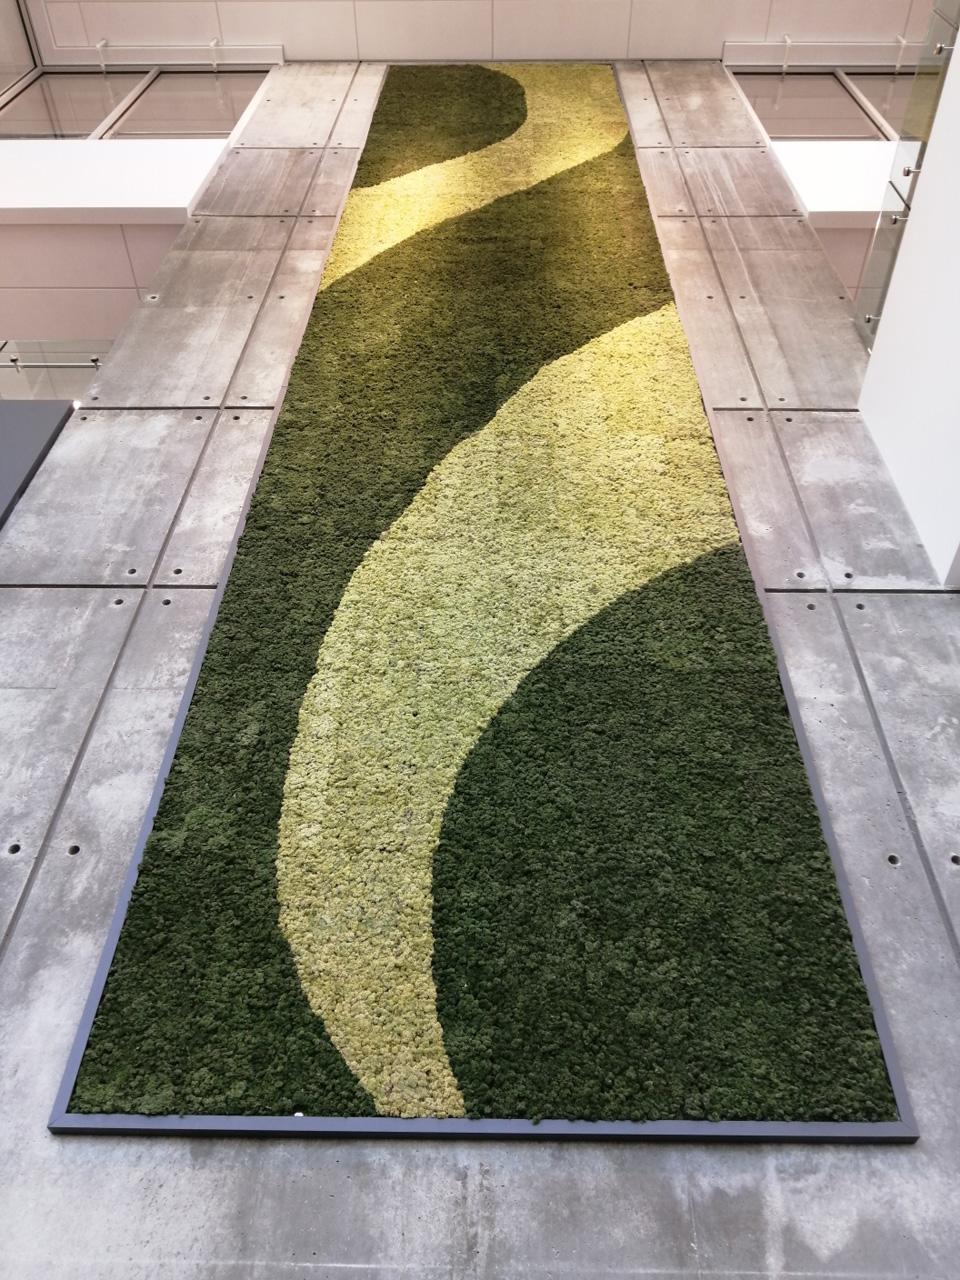 SAMU Moss Art 2020